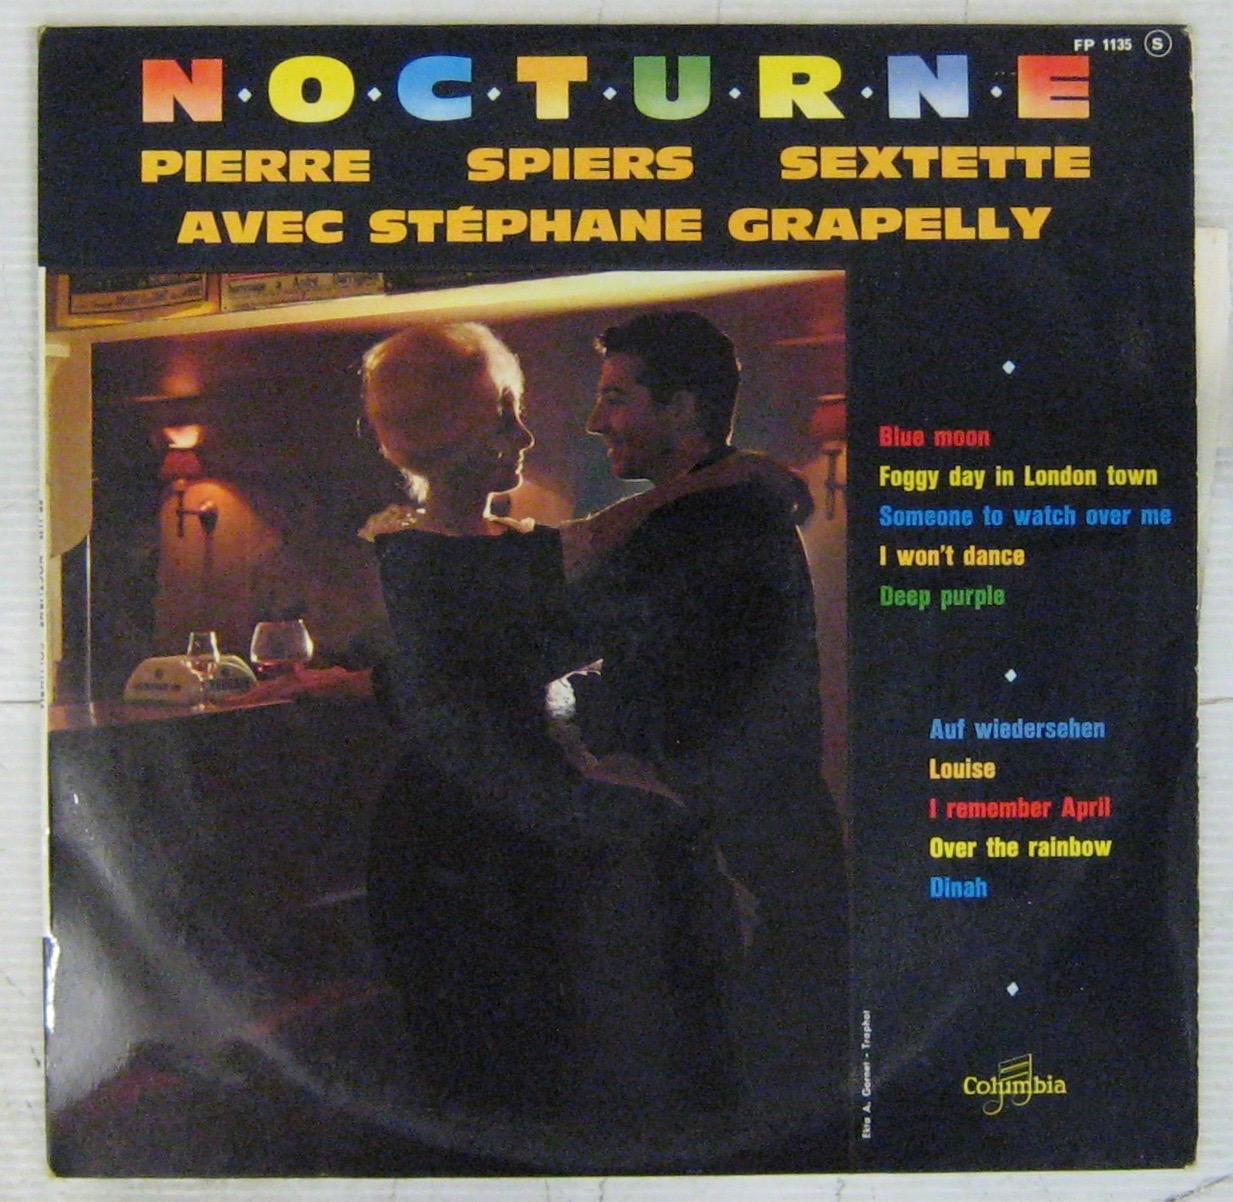 PIERRE SPIERS SEXTETTE AVEC STÉPHANE GRAPELLI - Nocturne - 10 inch